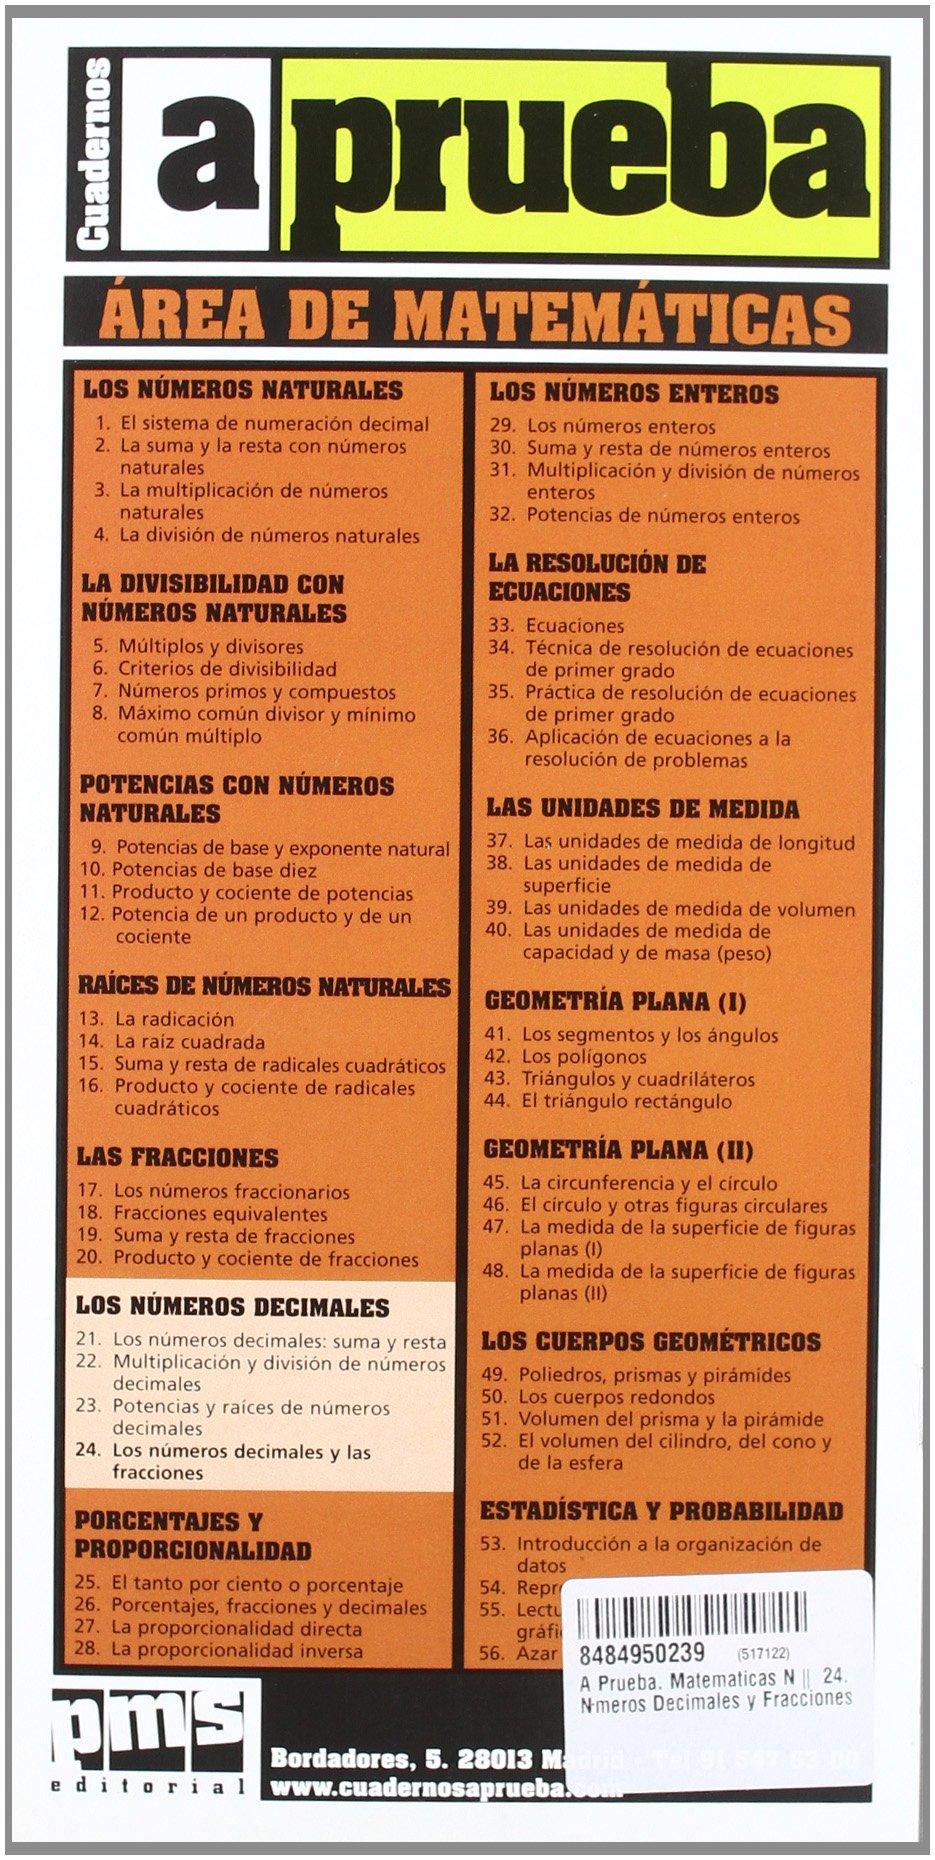 A Prueba. Matematicas Nº 24. Números Decimales y Fracciones: Amazon.es: Libros en idiomas extranjeros